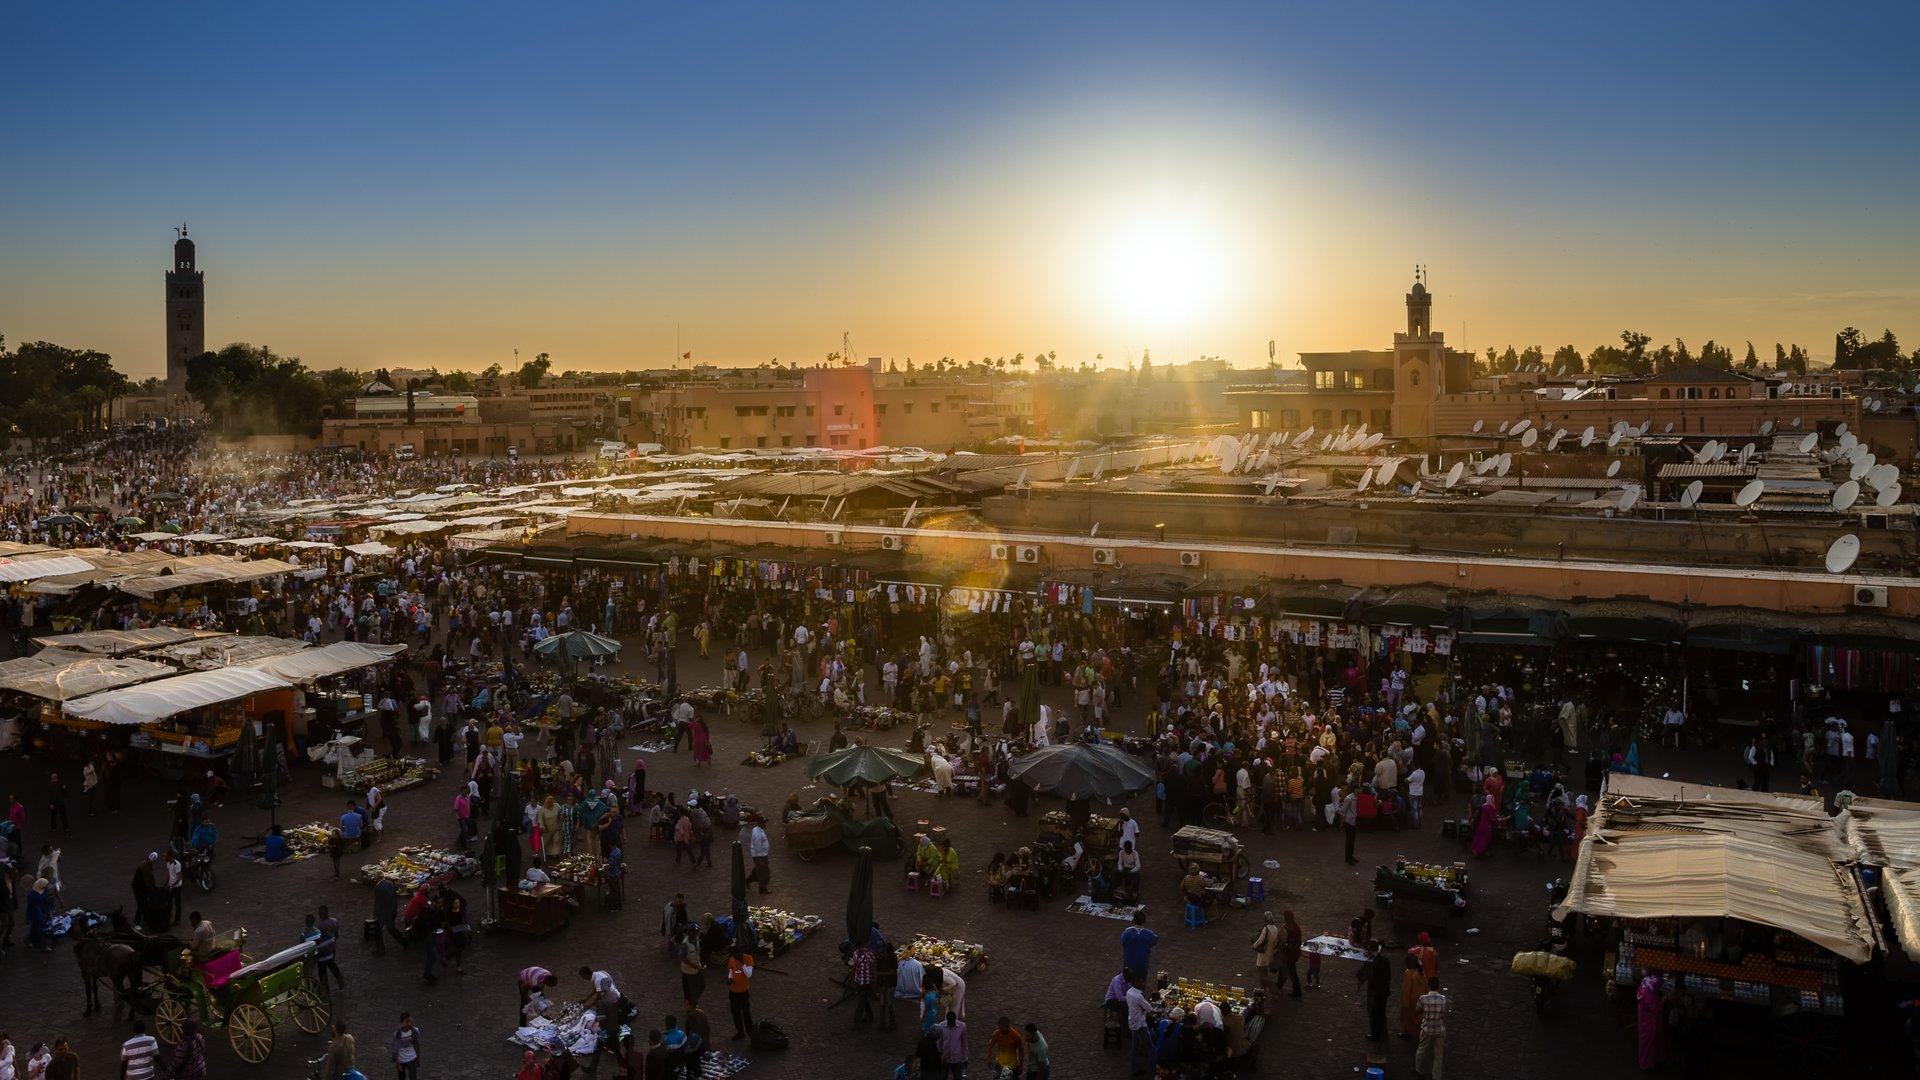 Sunset above Djema el-Fna in Marrakesh 2020